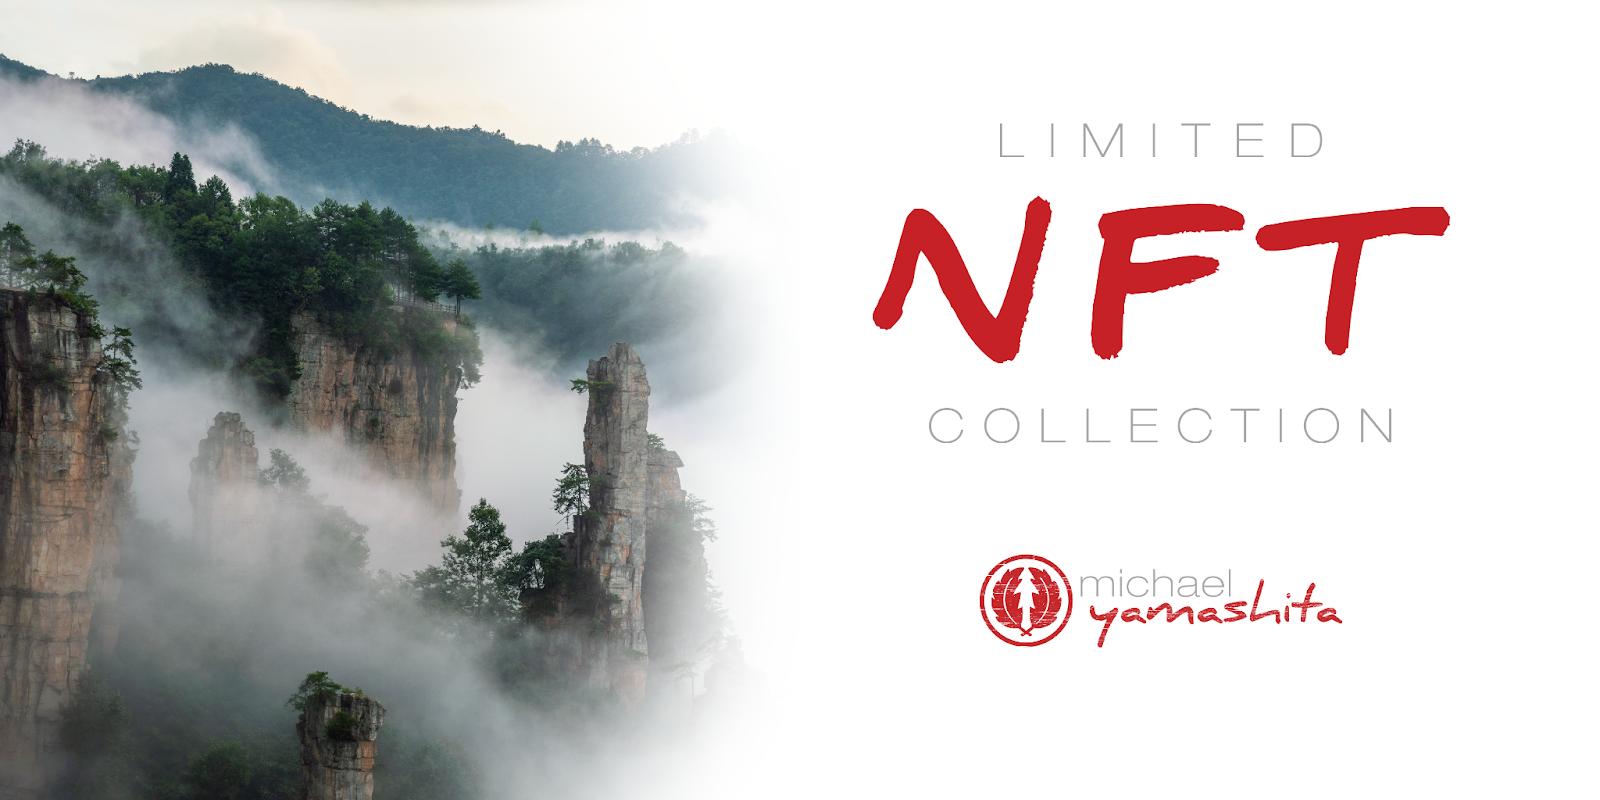 Limited NFT Collection, Michael Yamashita